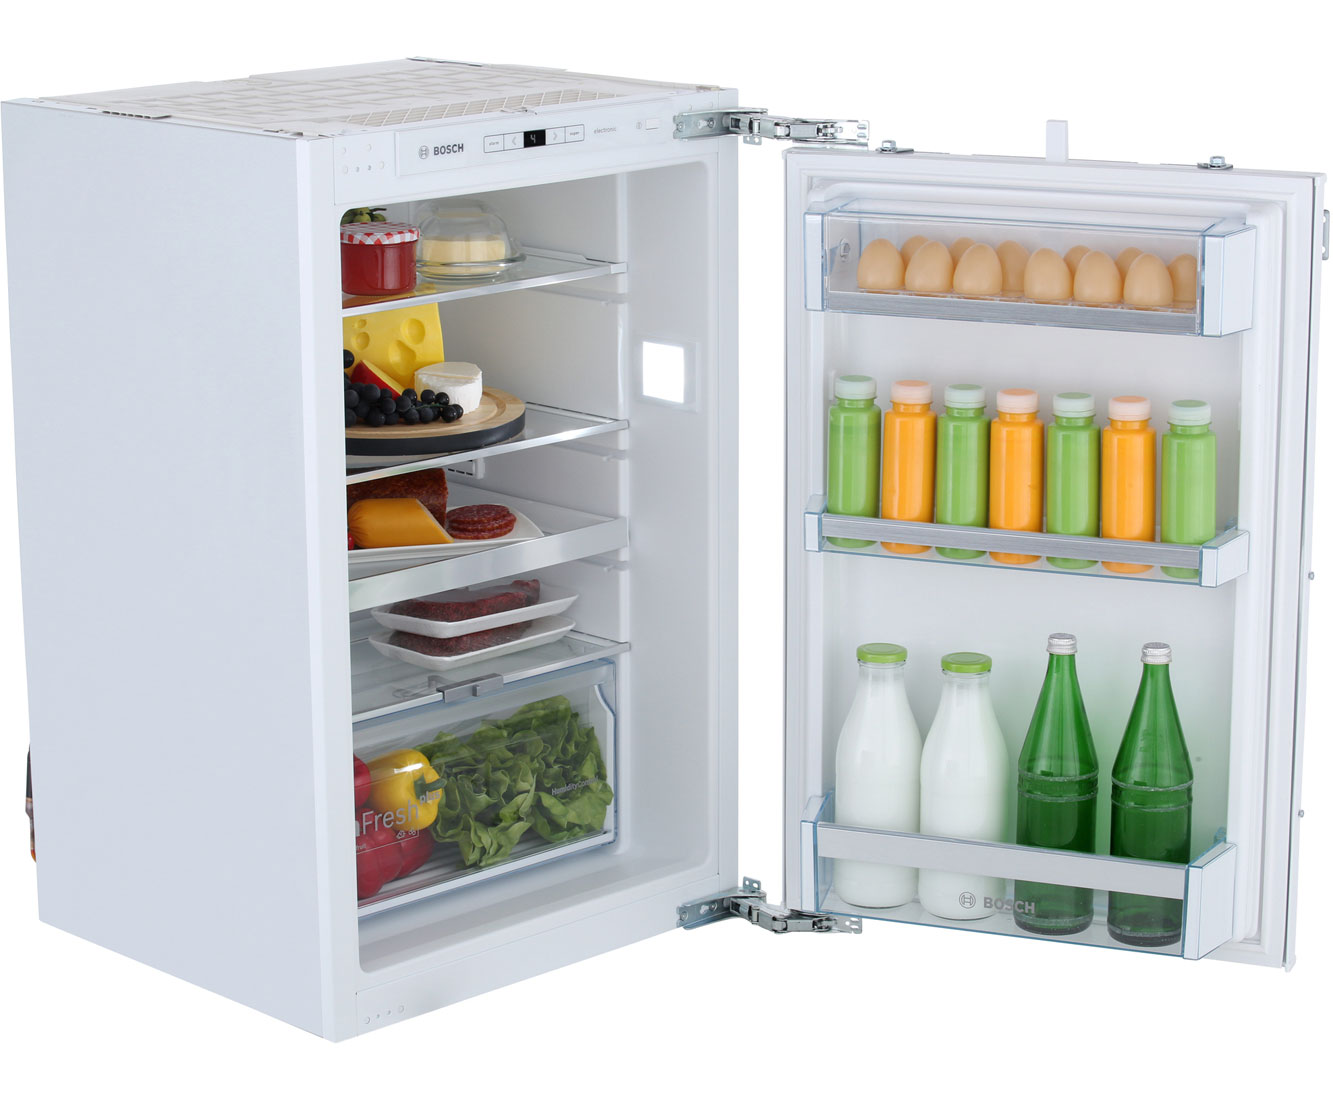 Amerikanischer Kühlschrank Günstig : Kühlschrank günstig kühlschrank mit weinfach elegant liebherr